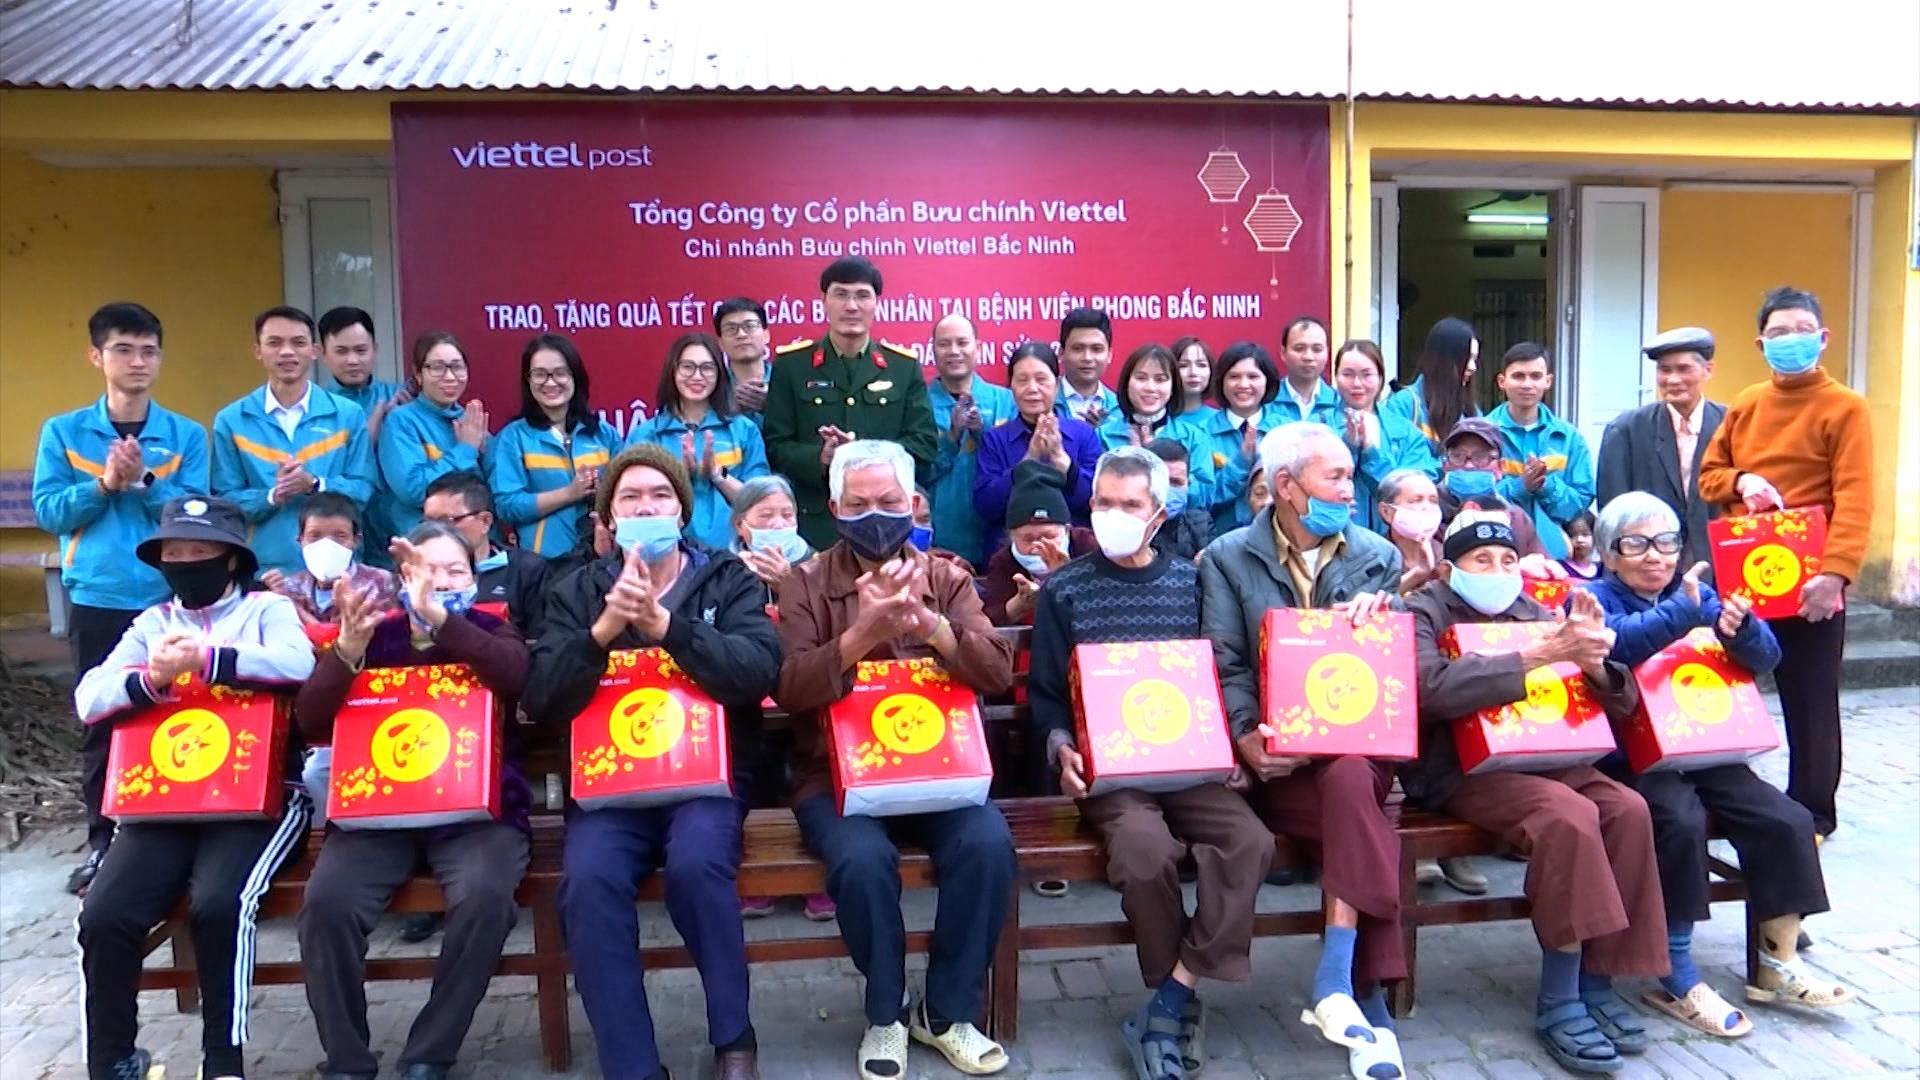 Thăm và tặng quà các bệnh nhân tại Bệnh viện Da liễu Bắc Ninh